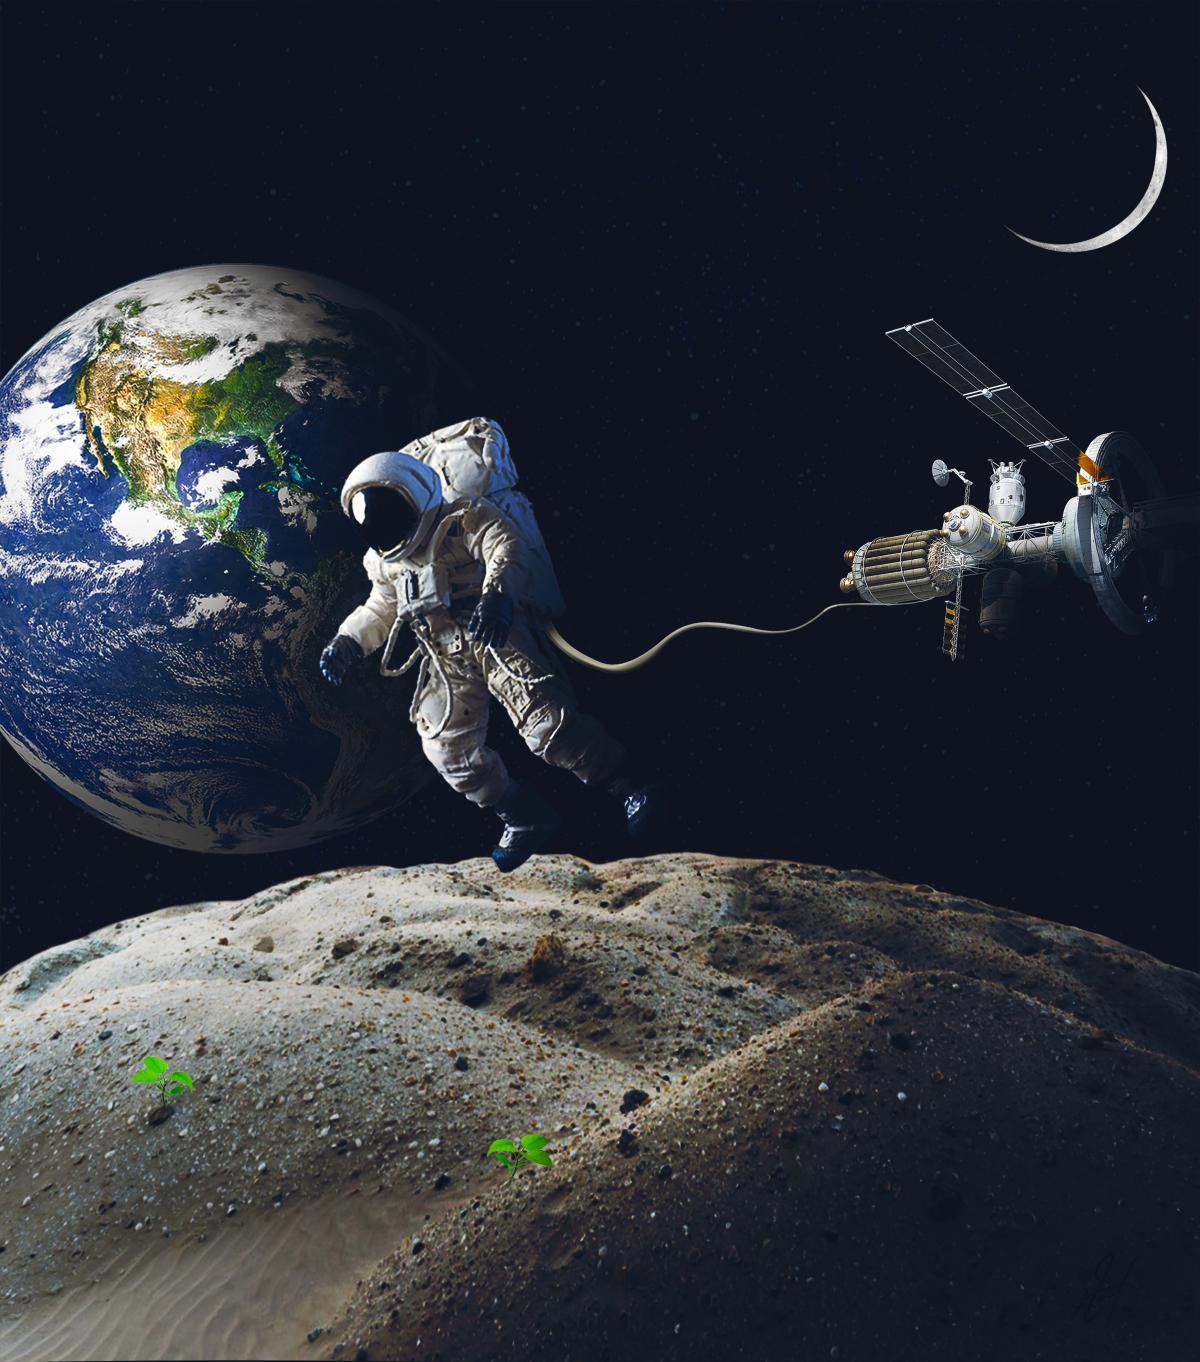 ¡Derechos Animales ya! - Búsqueda de vida en el espacio exterior - Antropocentrismo